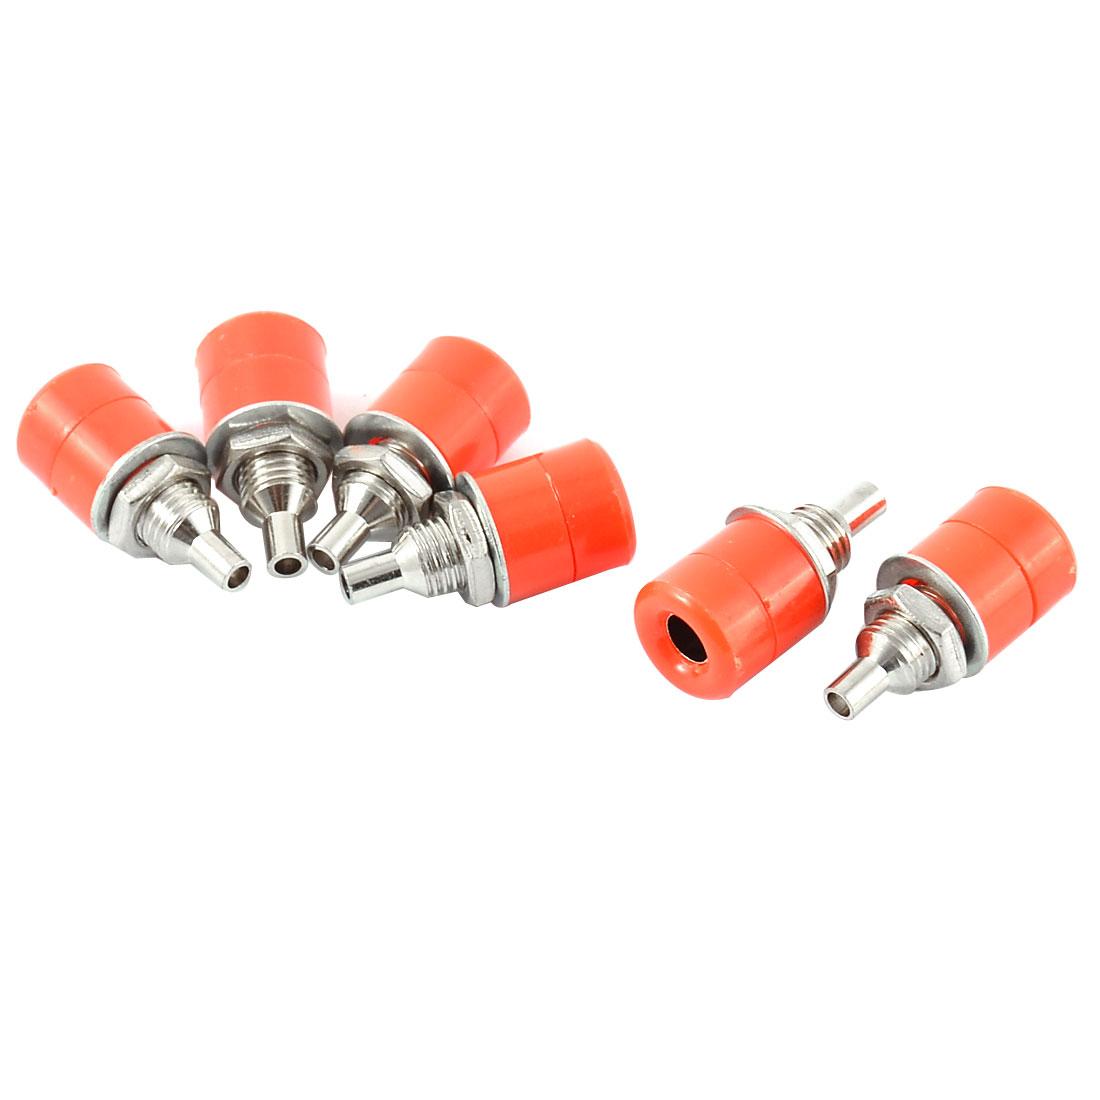 6pcs Red Plastic Shell Speaker Amplifier 4mm Banana Binding Post Socket Coupler